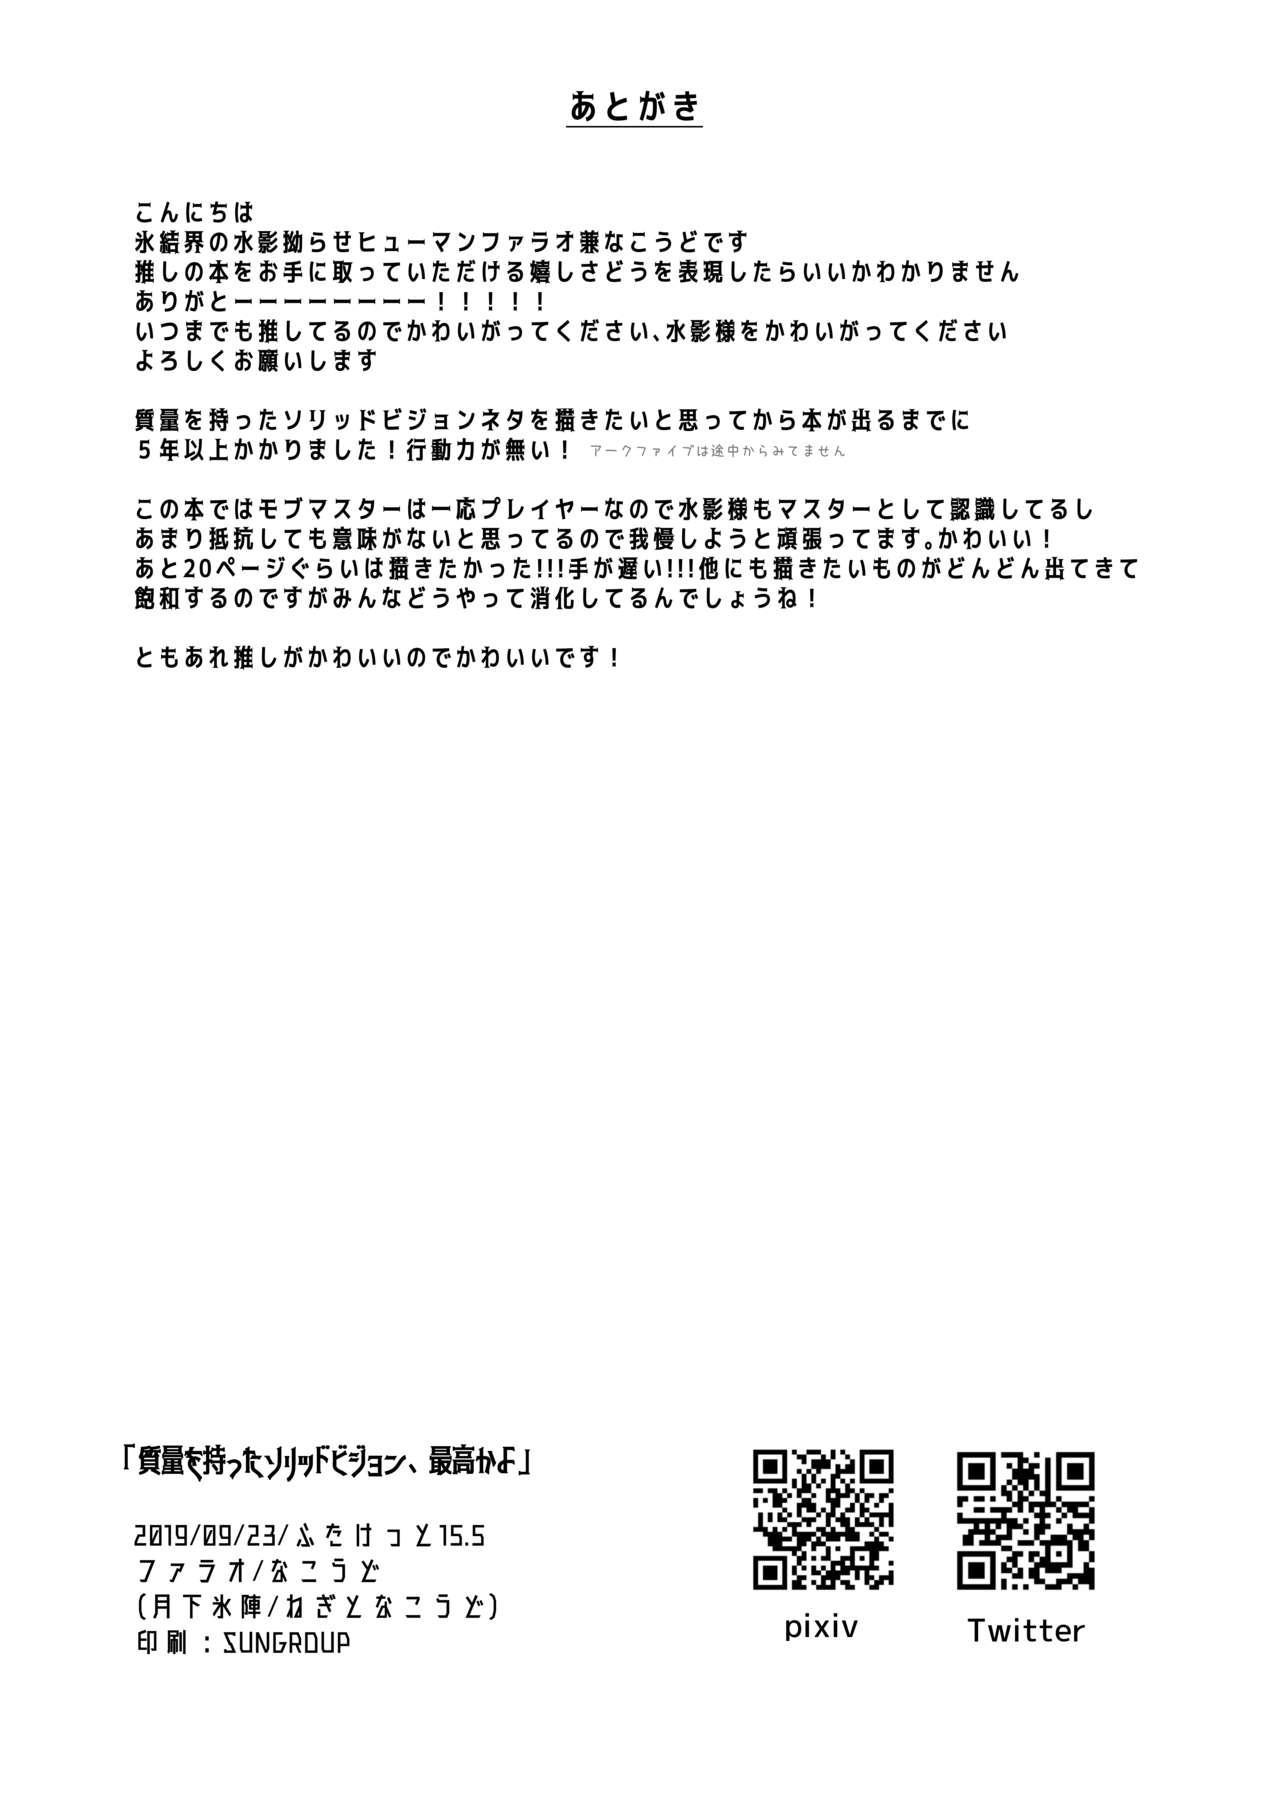 Shitsuryou o Motta Solid Vision, Saikou kayo 26